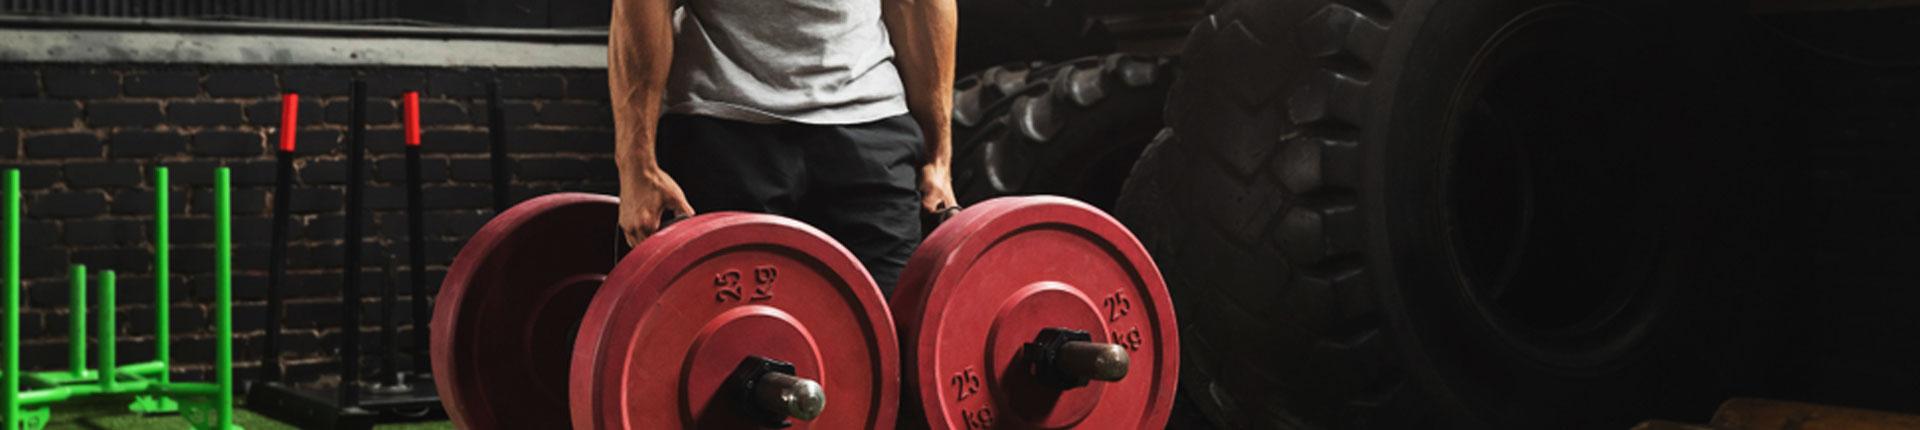 5 ćwiczeń, które oddzielają mężczyzn od chłopców